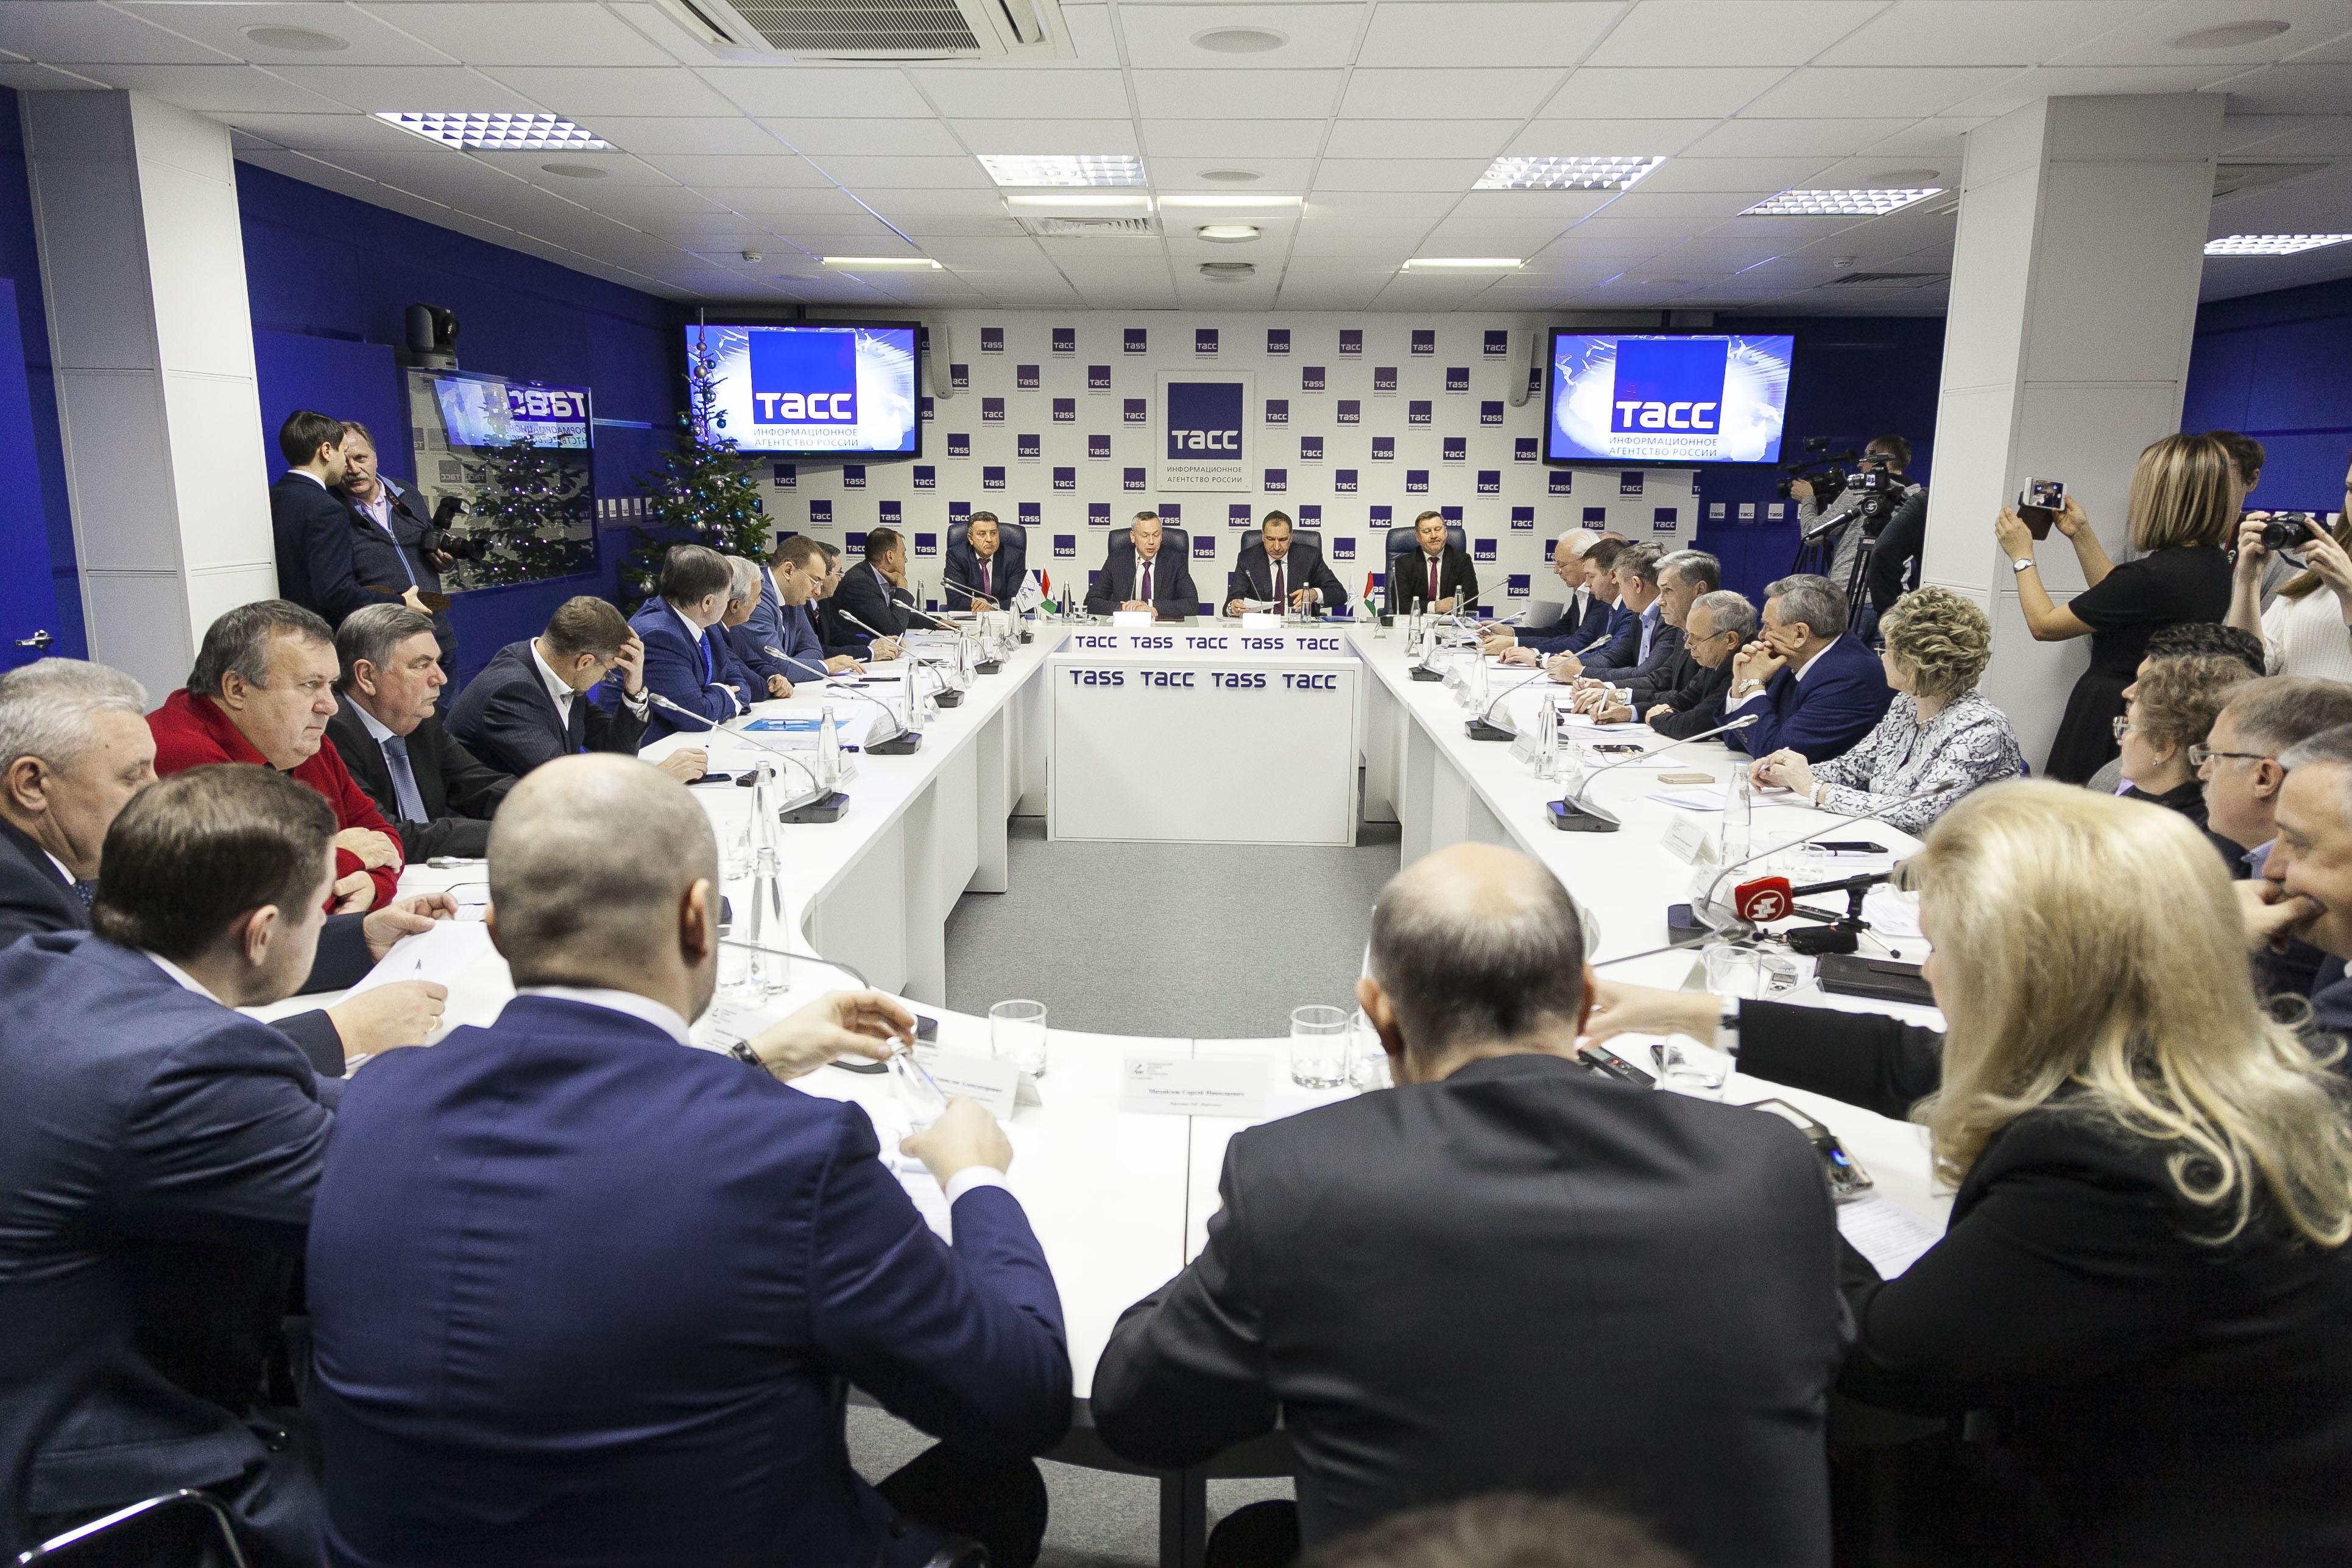 Состоялось Расширенное заседание Ассоциации «Региональный деловой клуб строителей» руководителей органов в власти Новосибирской области и города Новосибирска